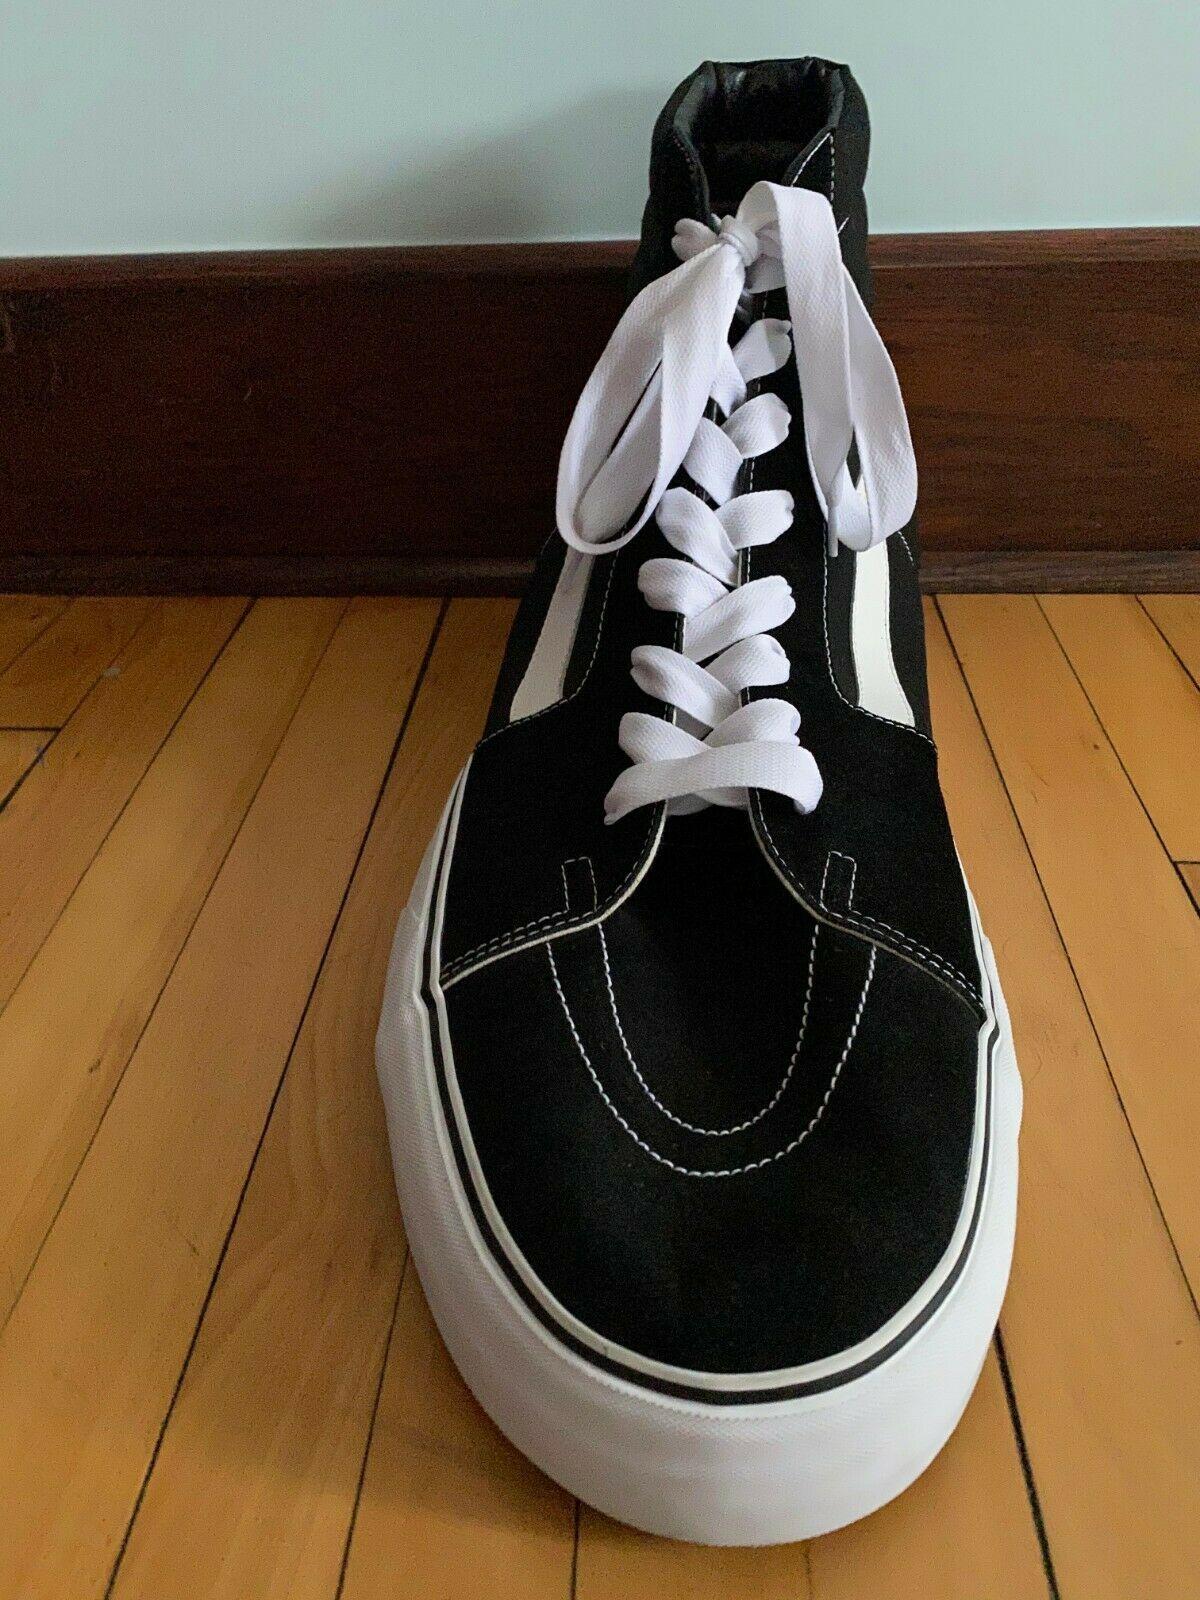 size 66 vans shoe